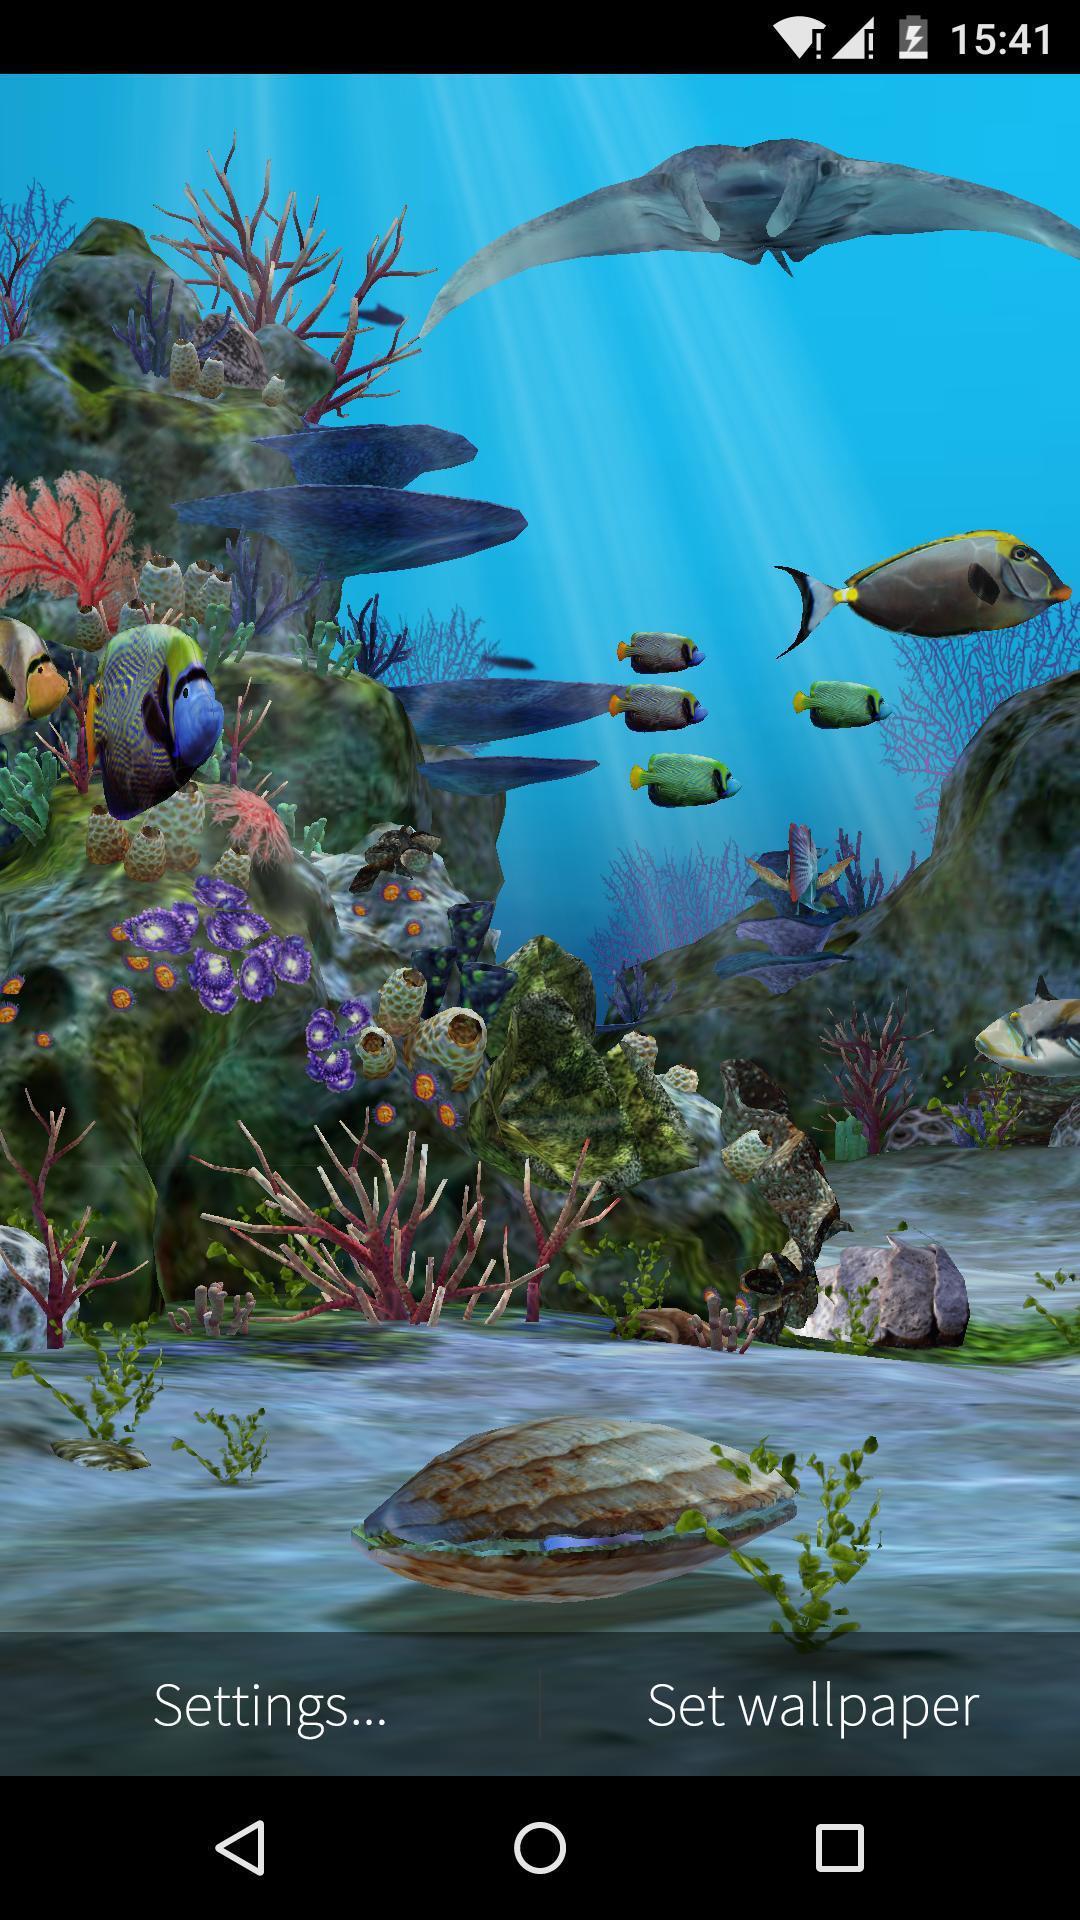 3D Aquarium Live Wallpaper HD APK 1.6.3 Download for ...